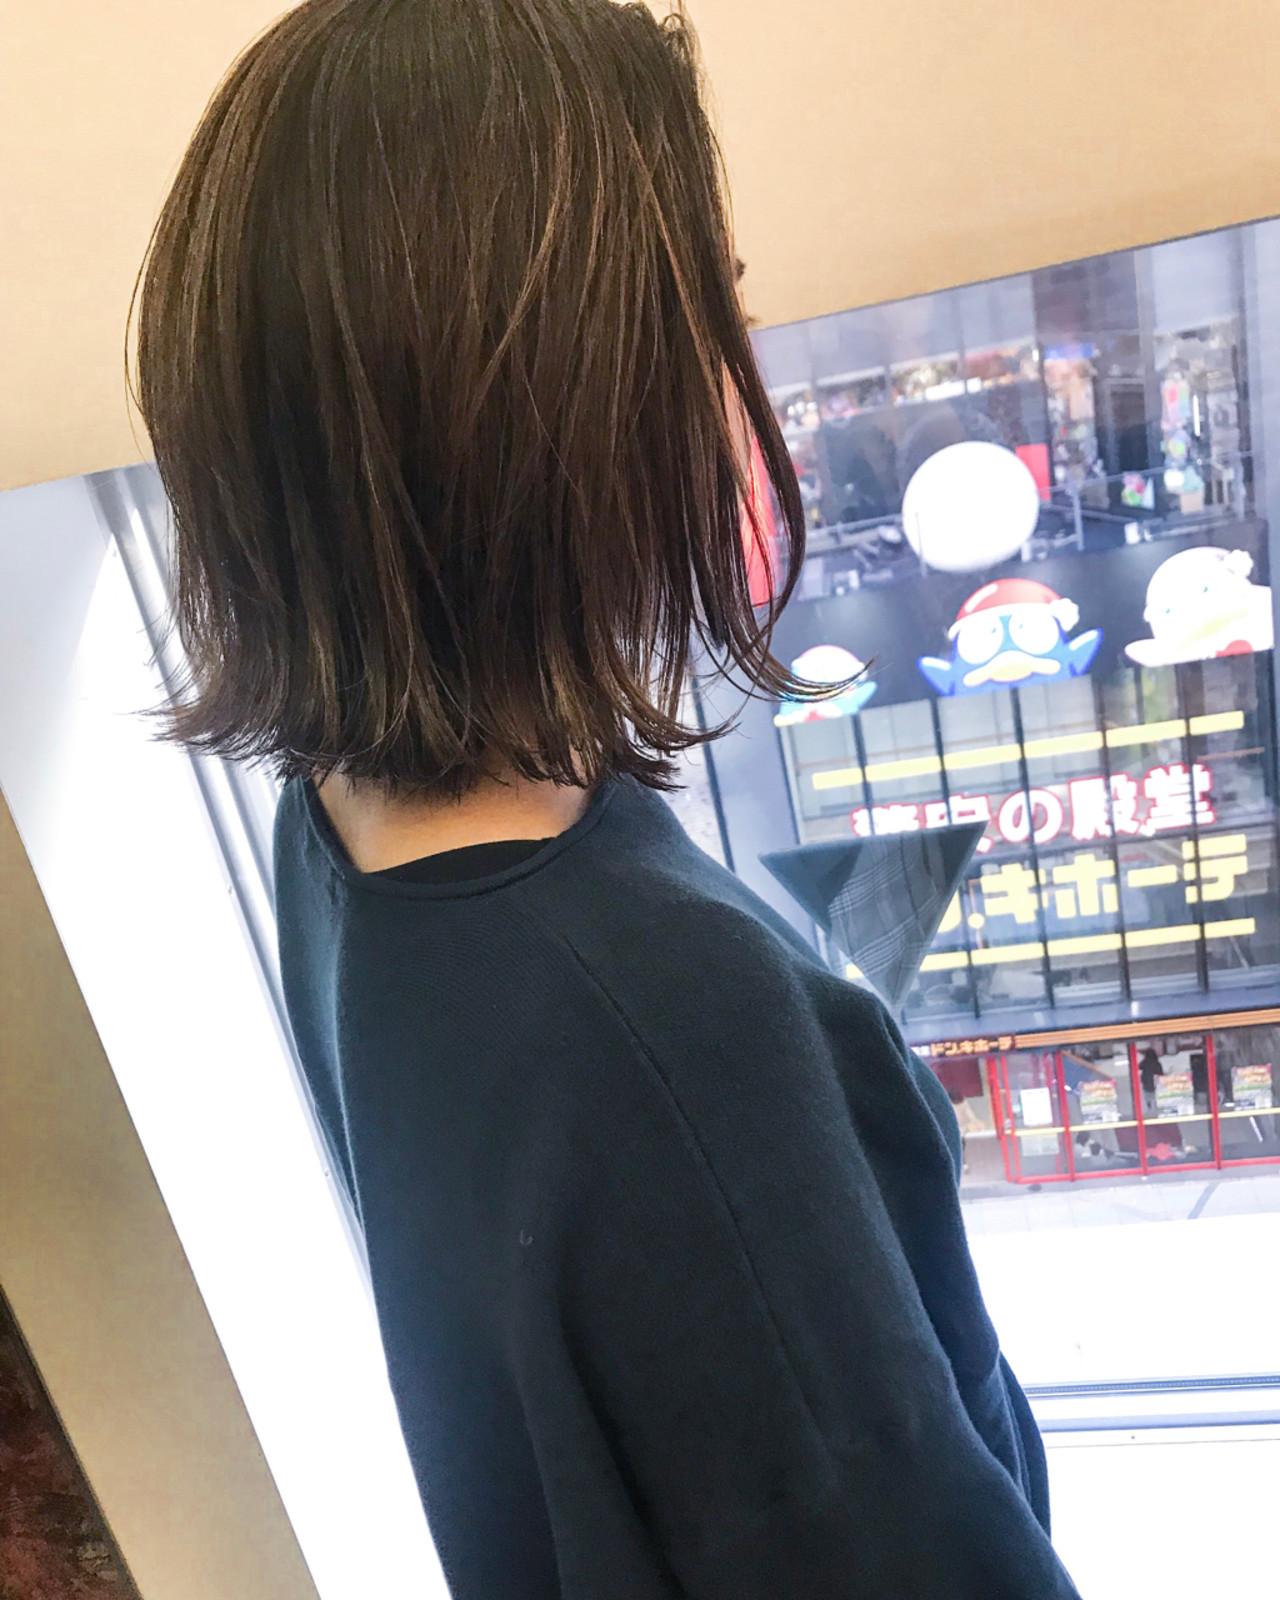 ナチュラル 外国人風 女子力 ボブ ヘアスタイルや髪型の写真・画像 | yumiko/sapporoSKNOW / SKNOW